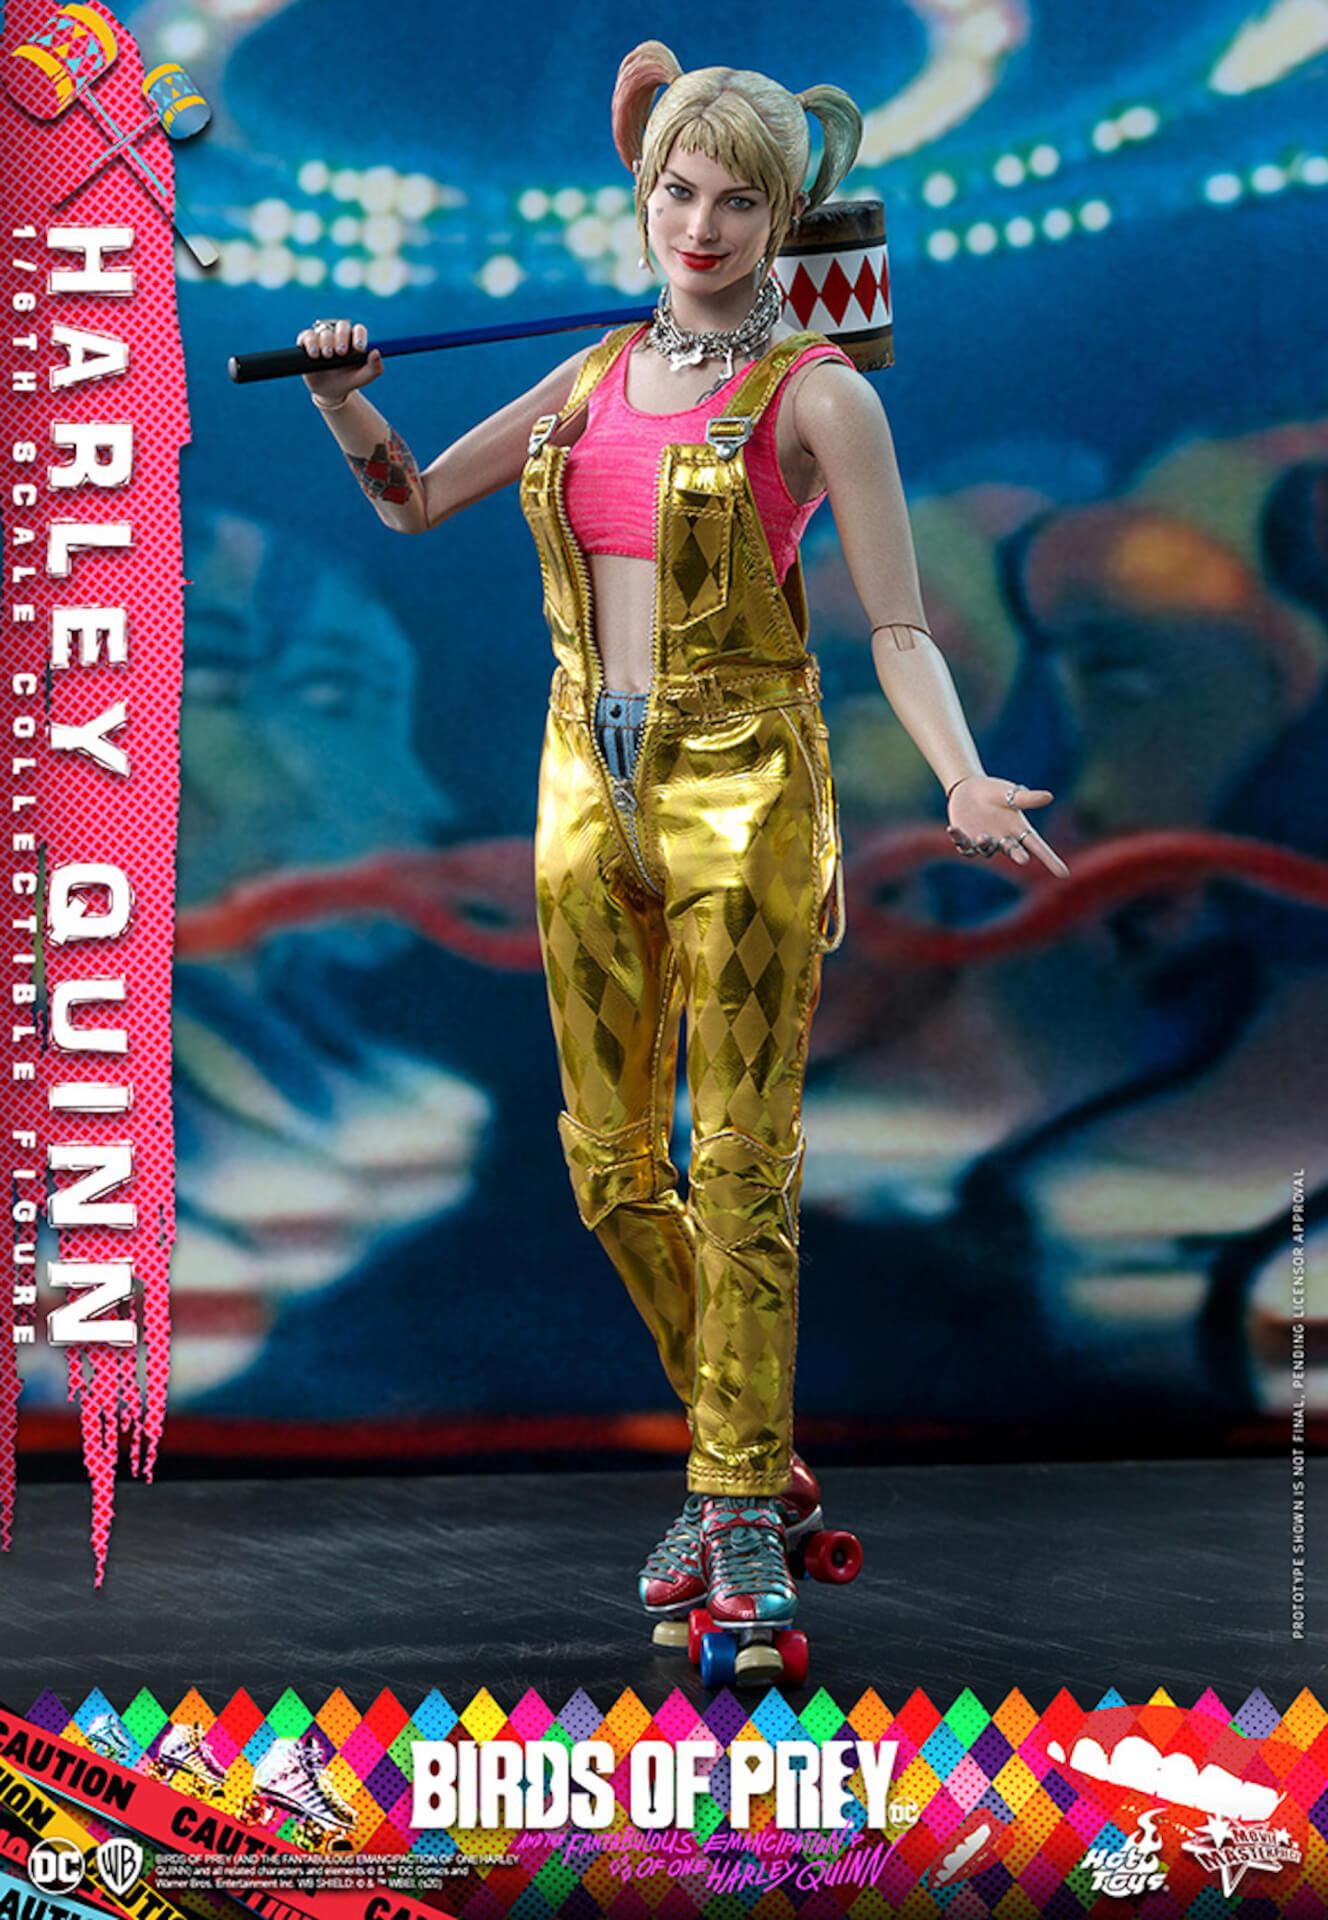 マーゴット・ロビー演じるハーレイ・クインがついに超精巧なフィギュアに!ホットトイズから『ハーレイ・クインの華麗なる覚醒』のフィギュアが登場 art200323_harleyquin_6